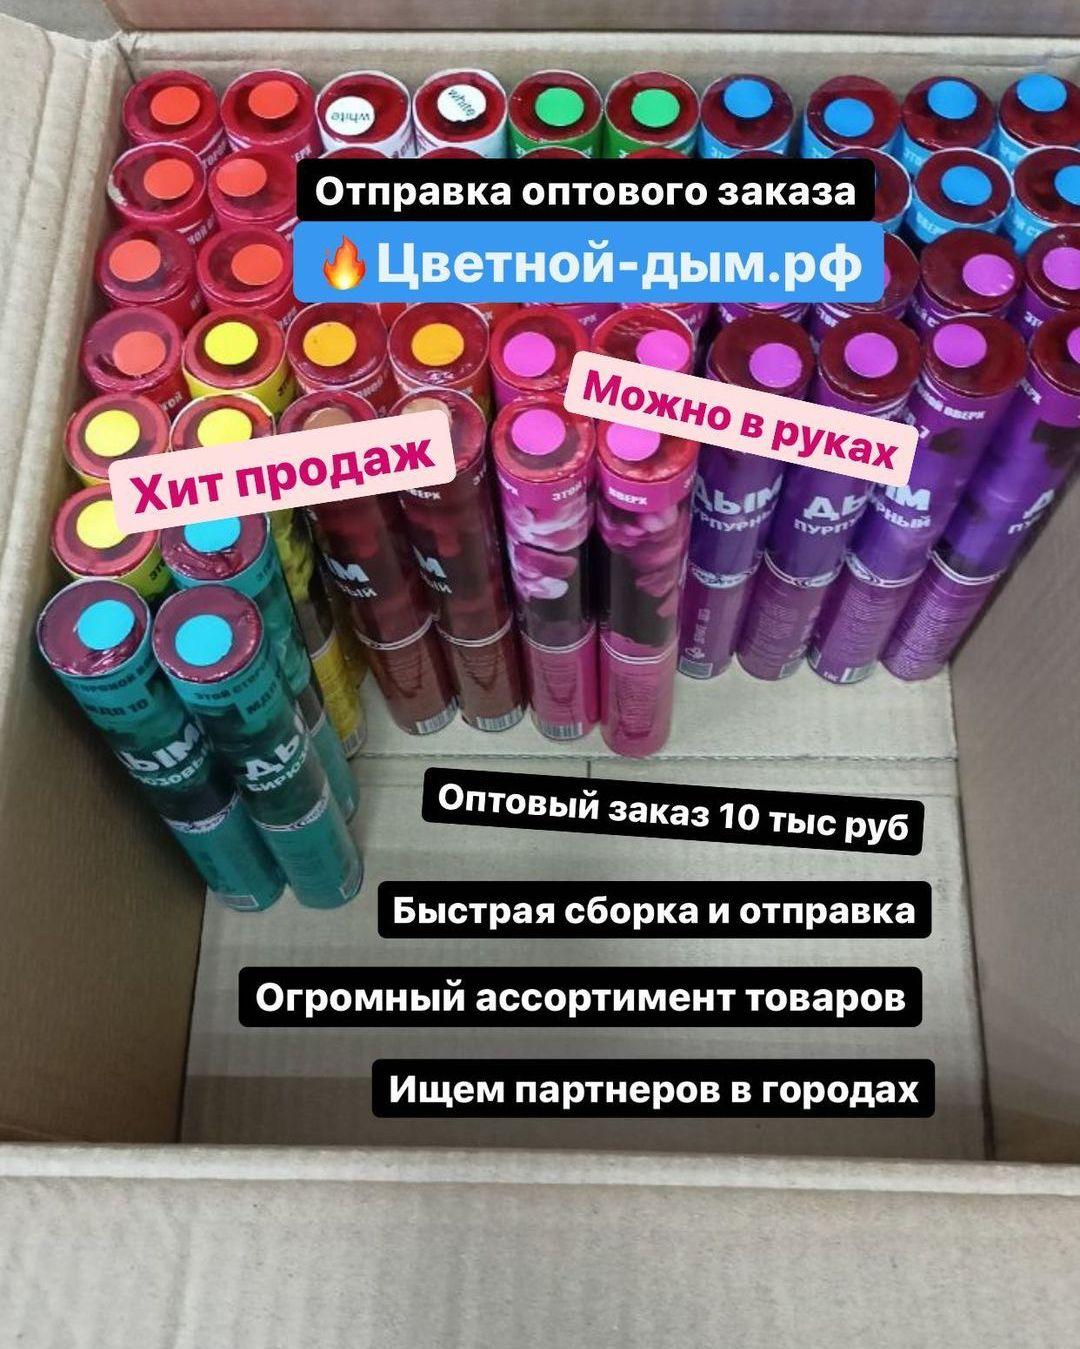 Оптовые отправки цветной-дым.рф - Цветной-дым.рф отзывы